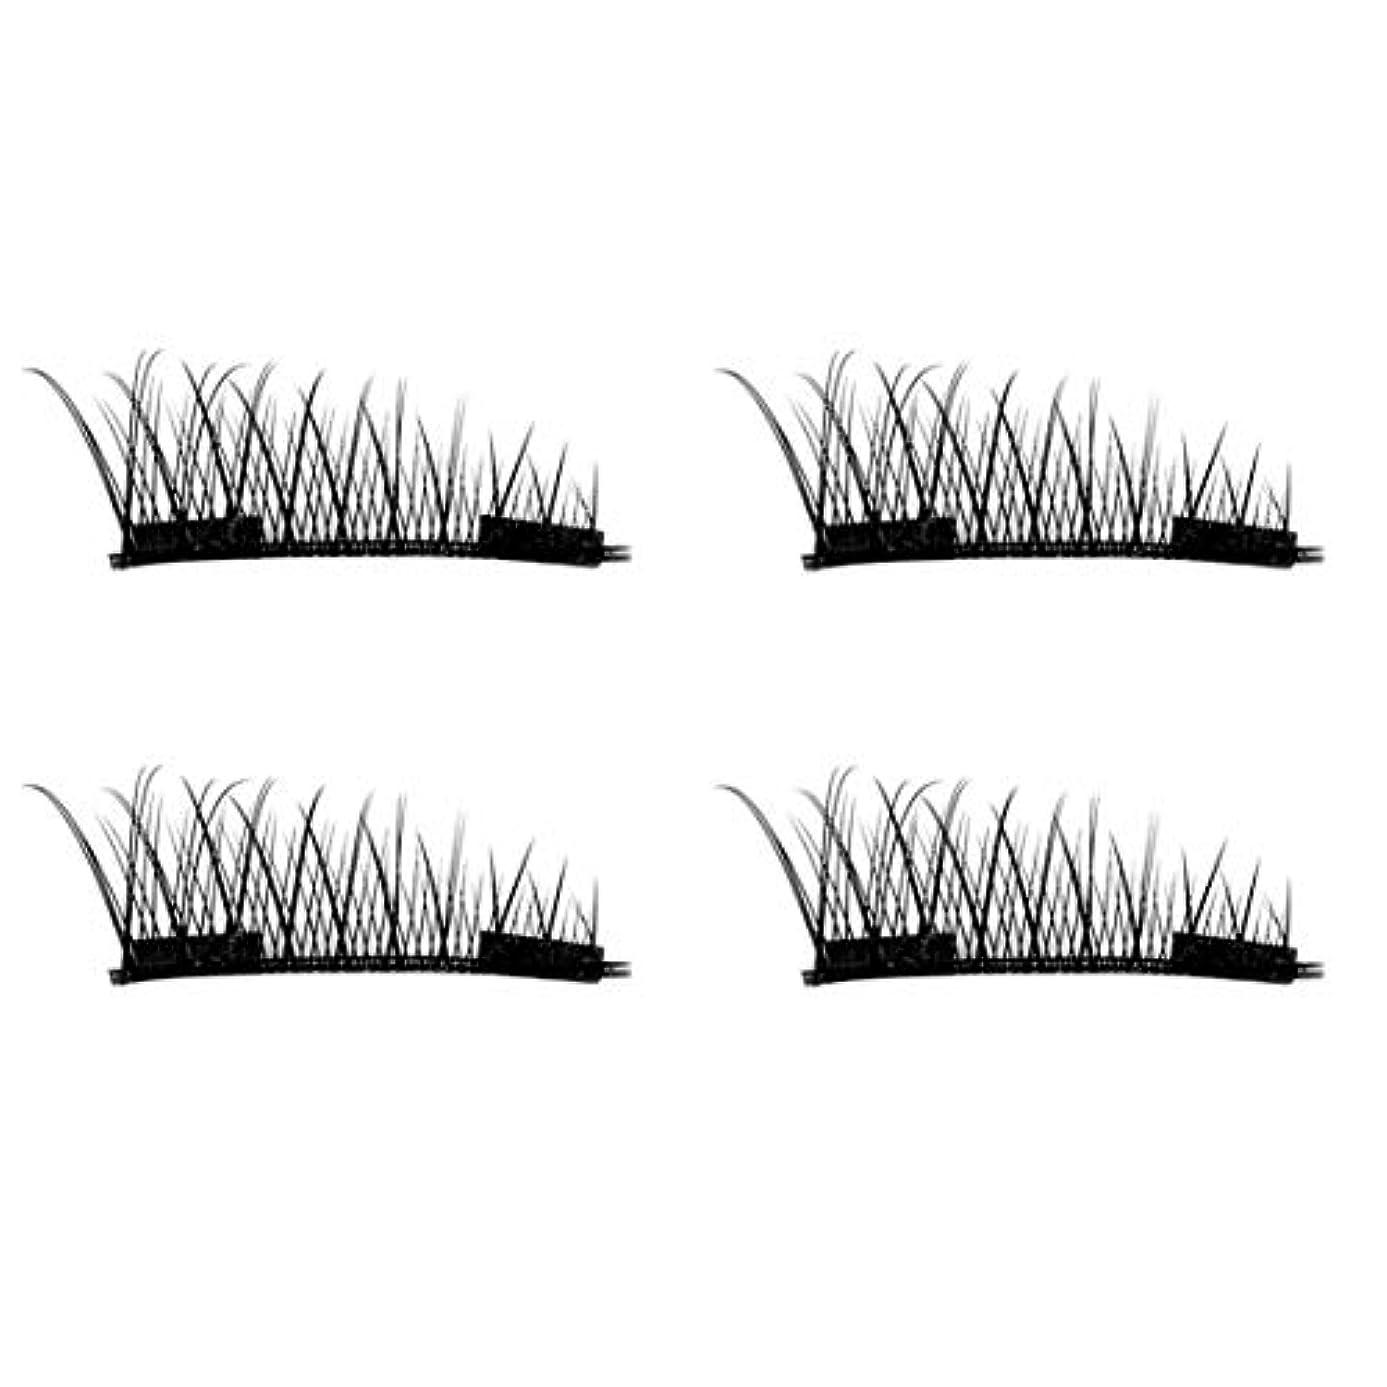 作ります端末ガム4PCS / 2ペアナチュラルシックアイまつ毛のりのない3D磁気女性アイメイク美容シックロングつけまつげ